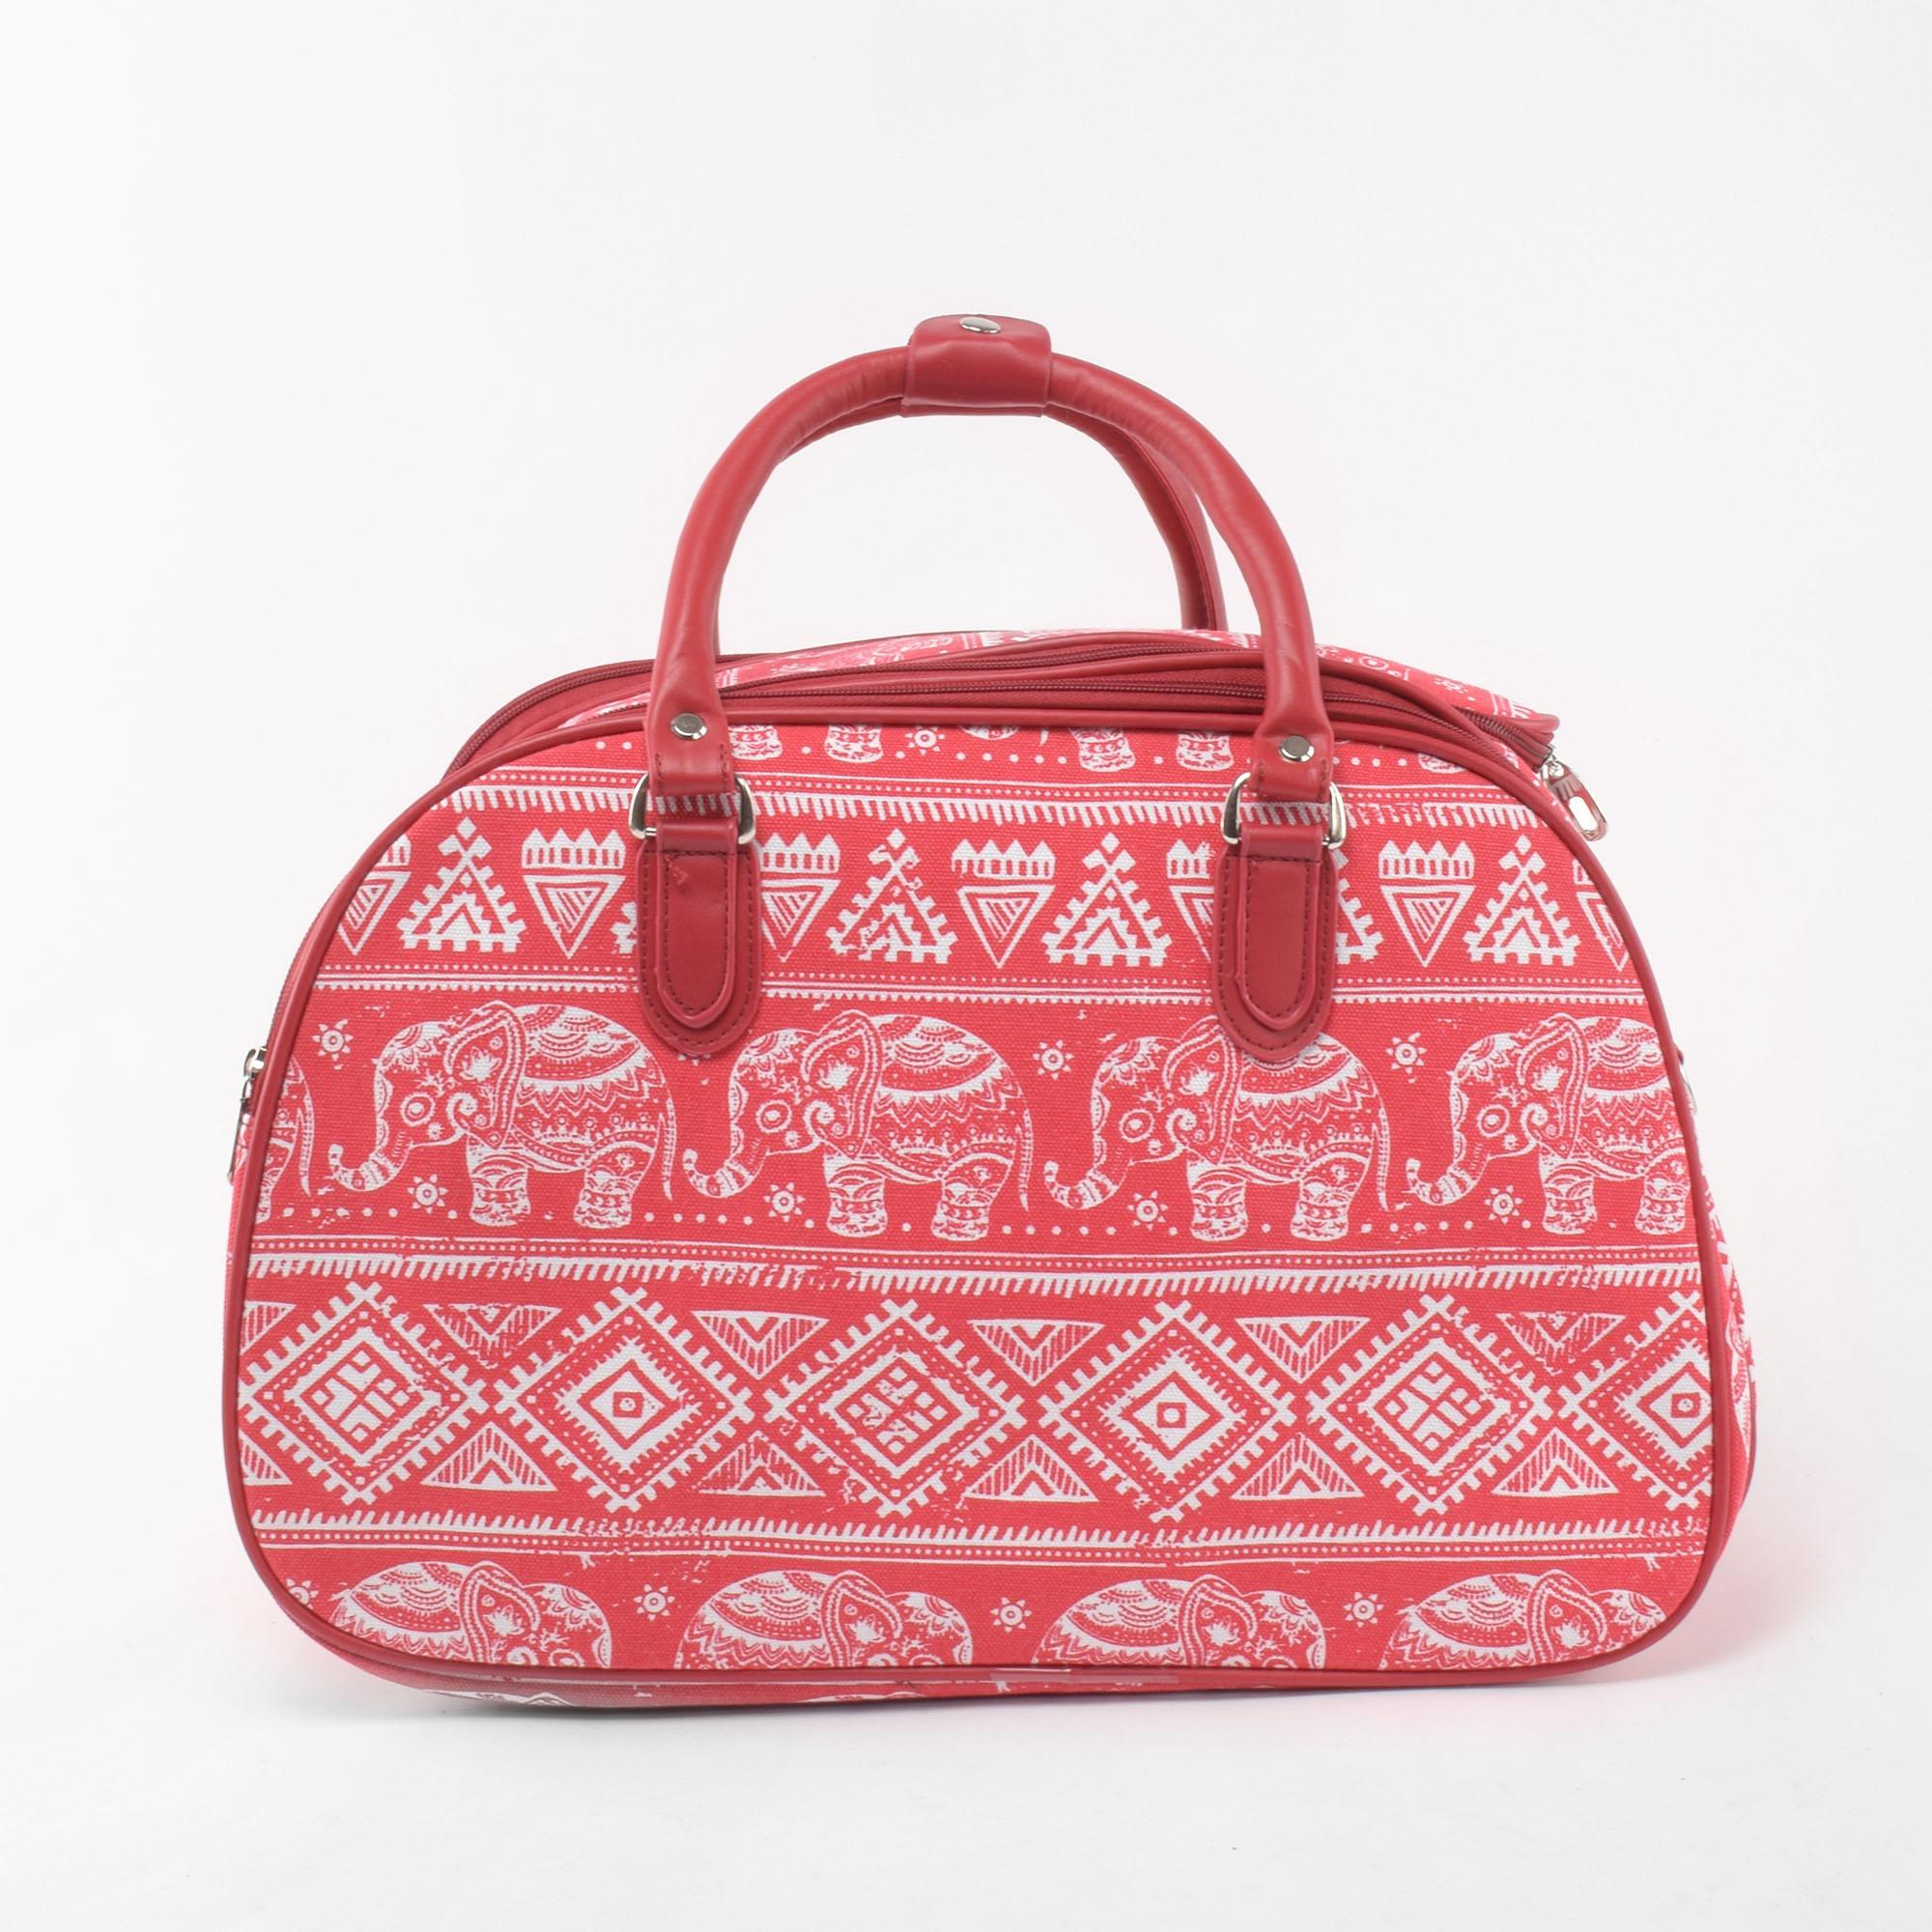 08822d99ed72 Besty Közepes Méretű Piros Mintás Utazótáska - KÖZEPES MÉRETŰ UTAZÓTÁSKA -  Táska webáruház - Minőségi táskák mindenkinek